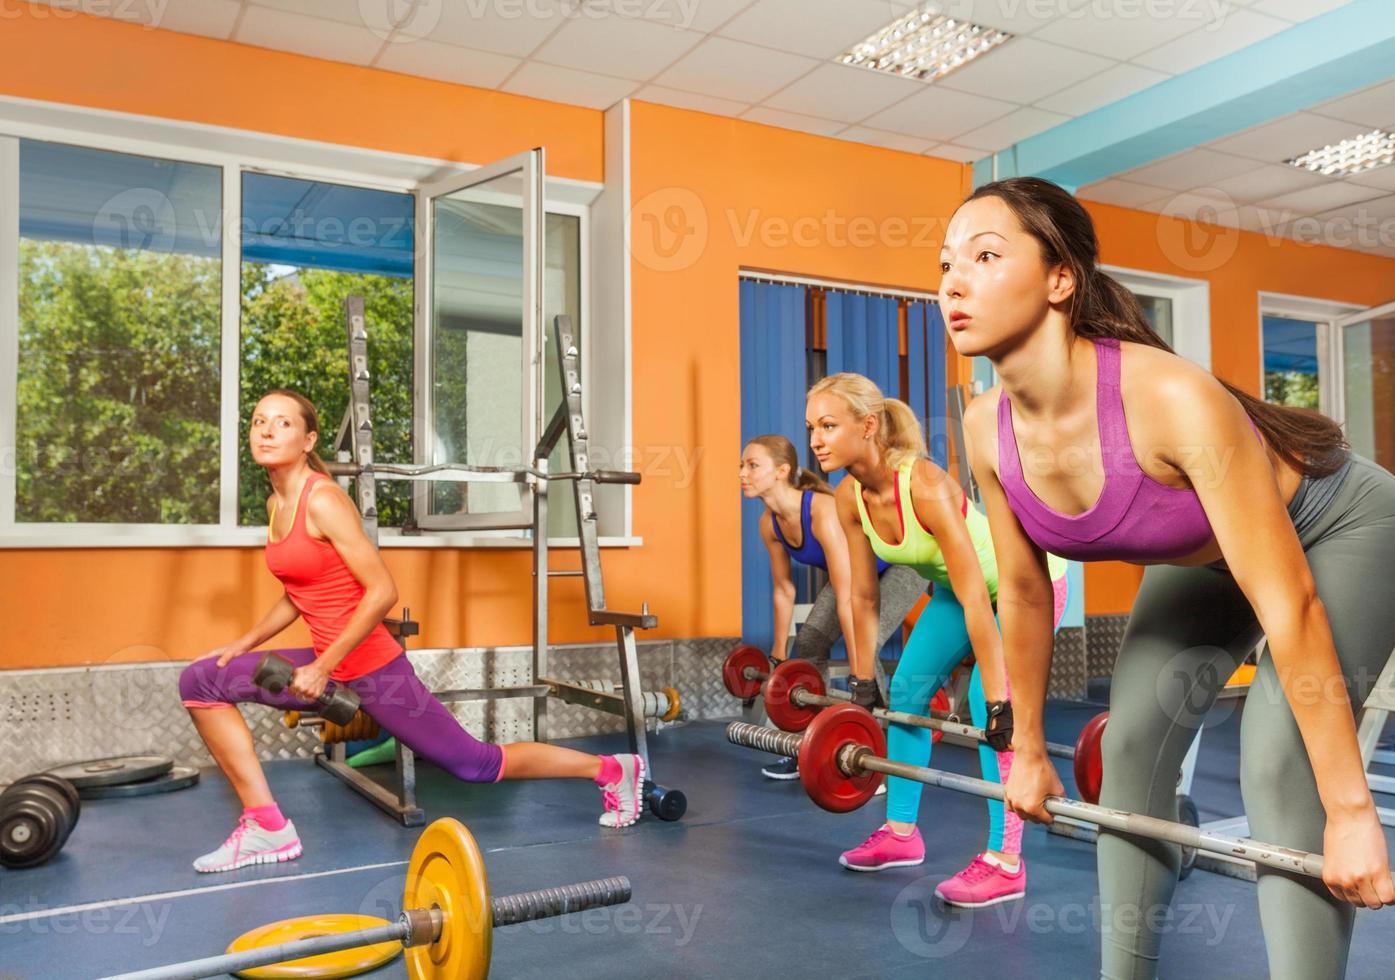 cours d'haltérophilie de groupe dans un club de fitness photo